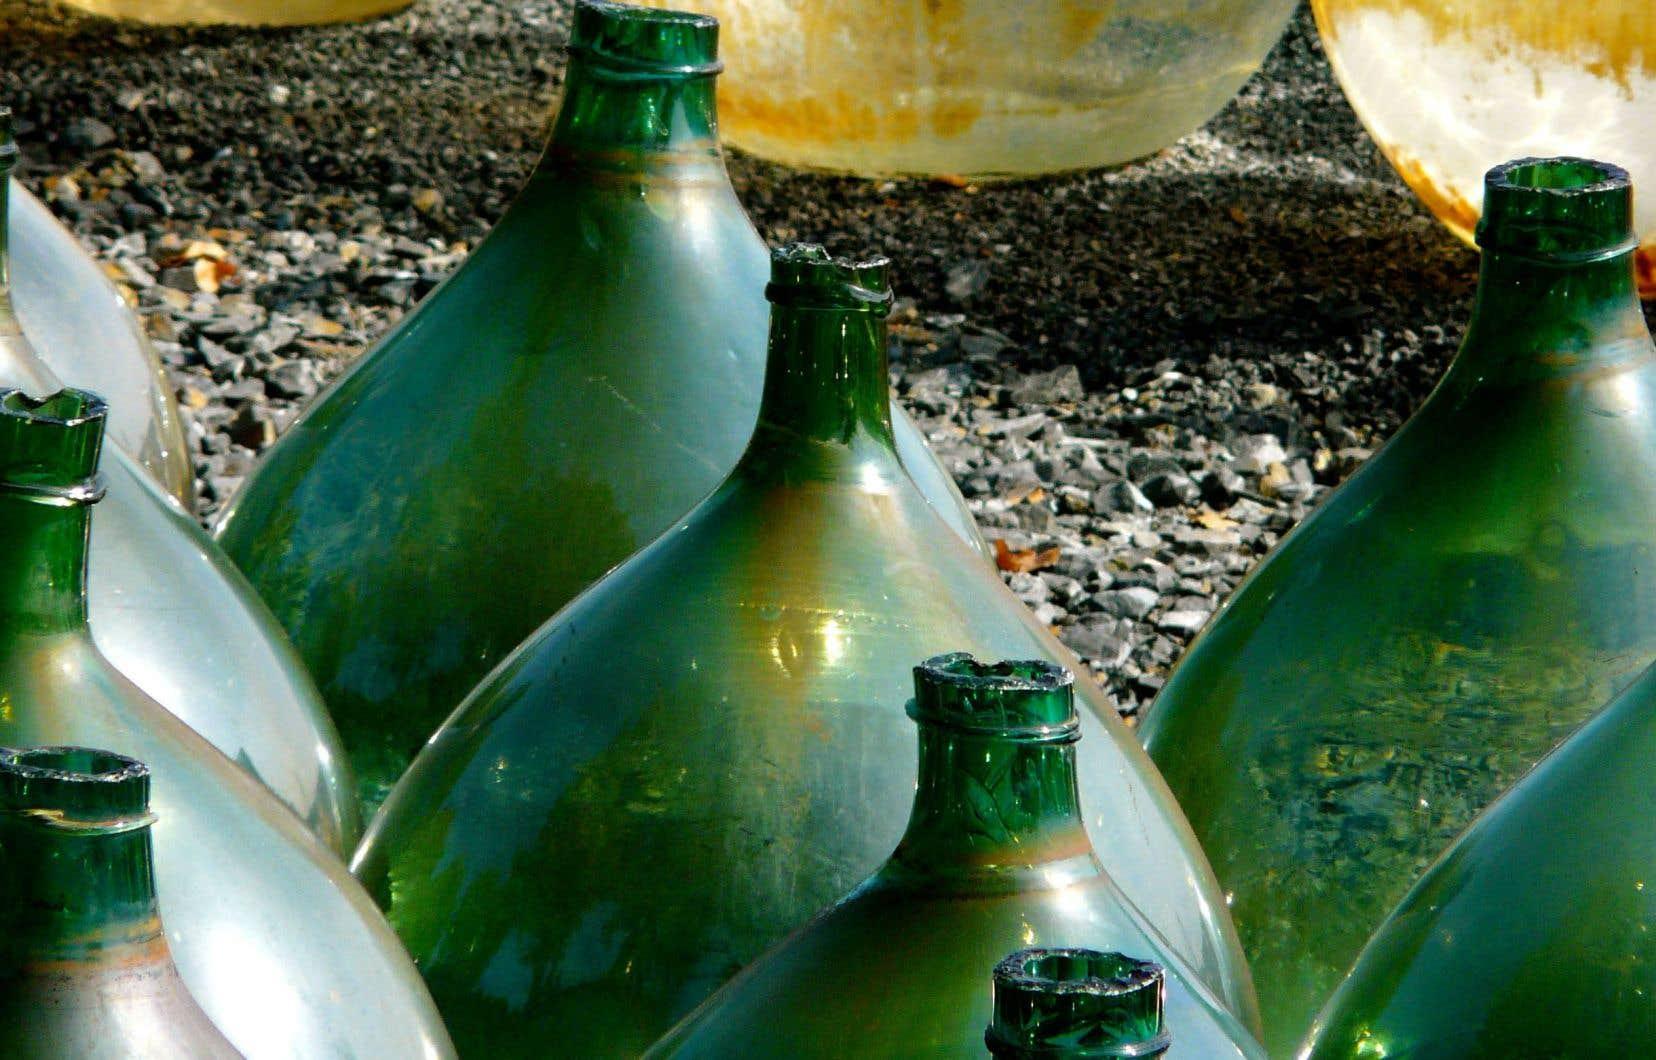 Qu'ils soient chauffés, mutés et longuement soumis au contact de l'air en barrique, en foudre ou en dame-jeanne entreposée dans des conditions extrêmes, les vins oxydatifs trouvent dans l'apport d'oxygène matière à s'accomplir pleinement.